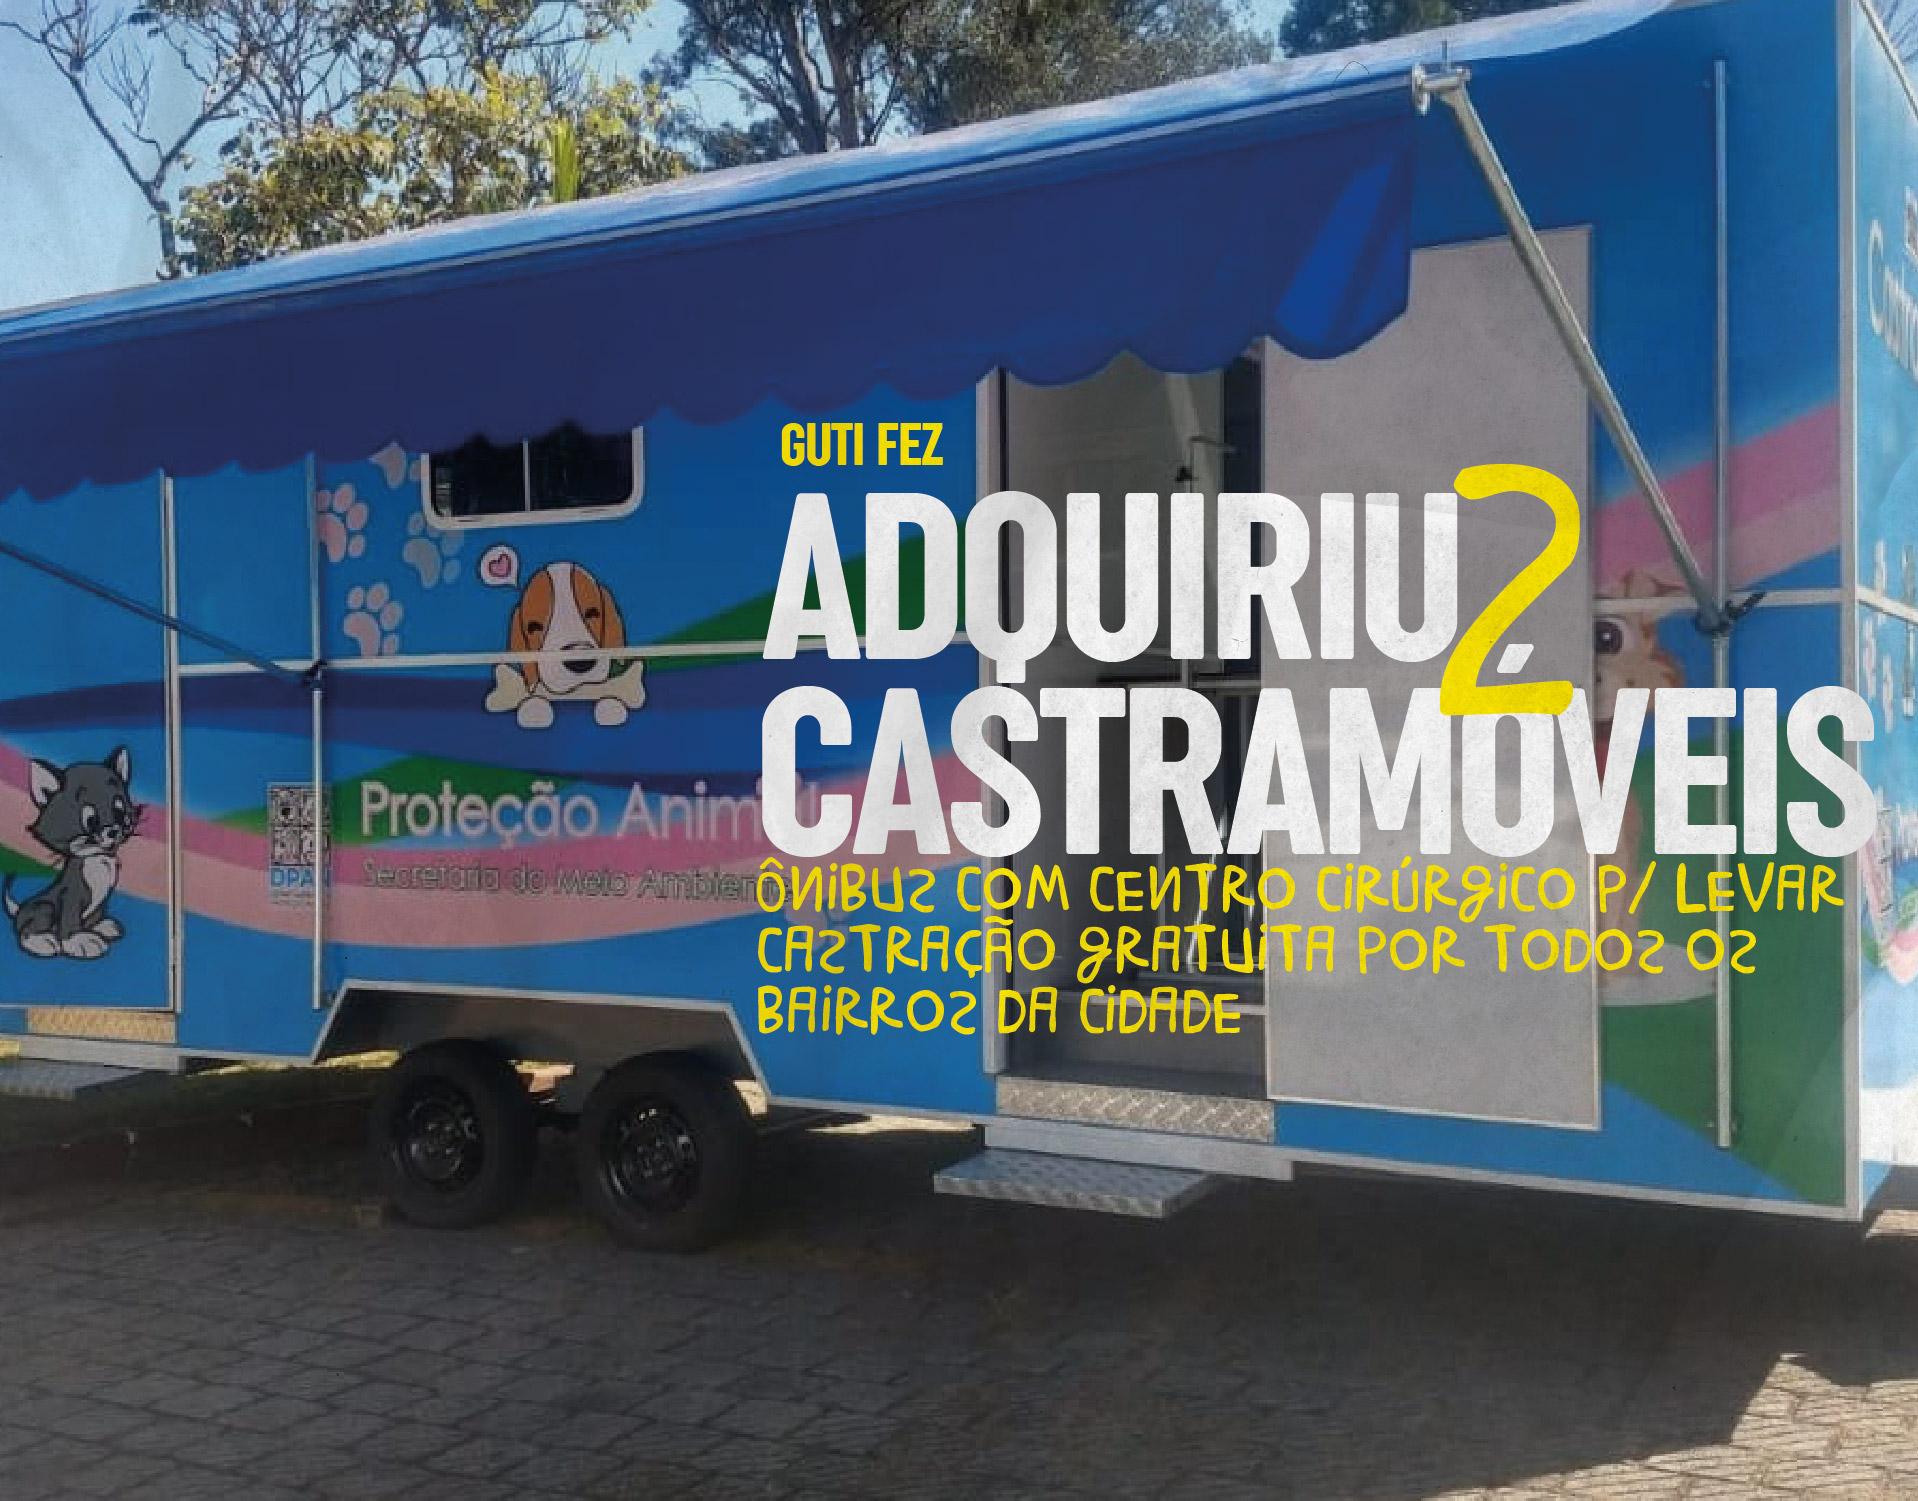 Adquiriu 2 castramóveis - Ônibus com centro cirúrgico para levar castração gratuita por todos os bai